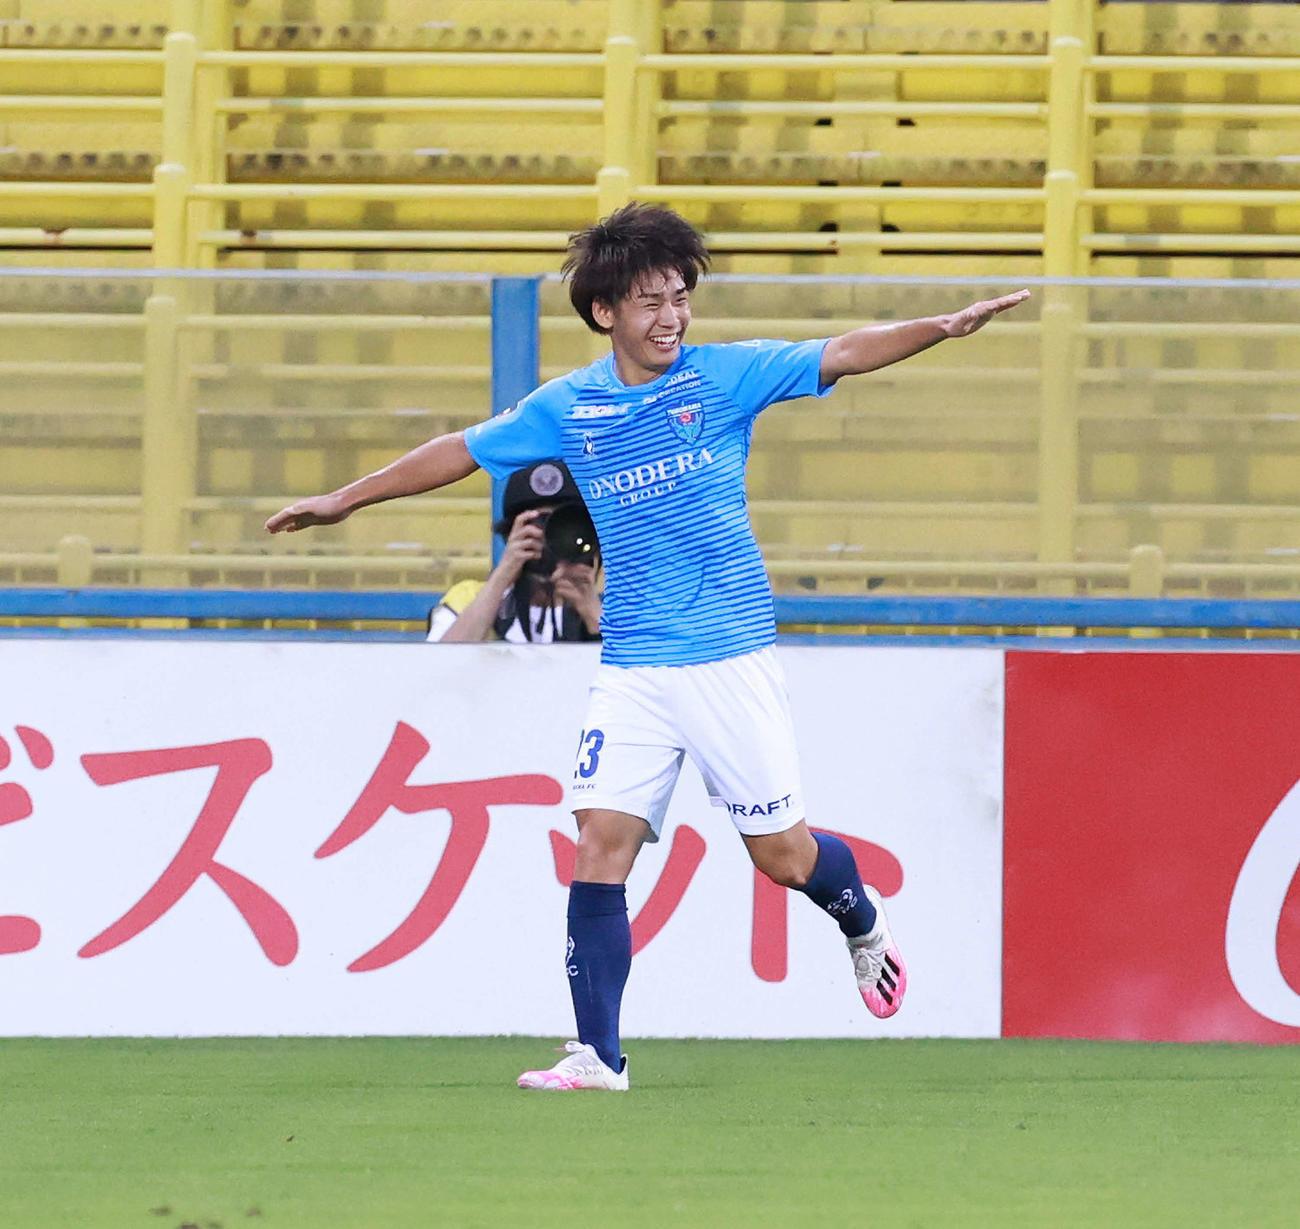 柏対横浜FC 前半、先制ゴールを決め笑顔でポーズを見せる横浜FC・FW斉藤(撮影・江口和貴)